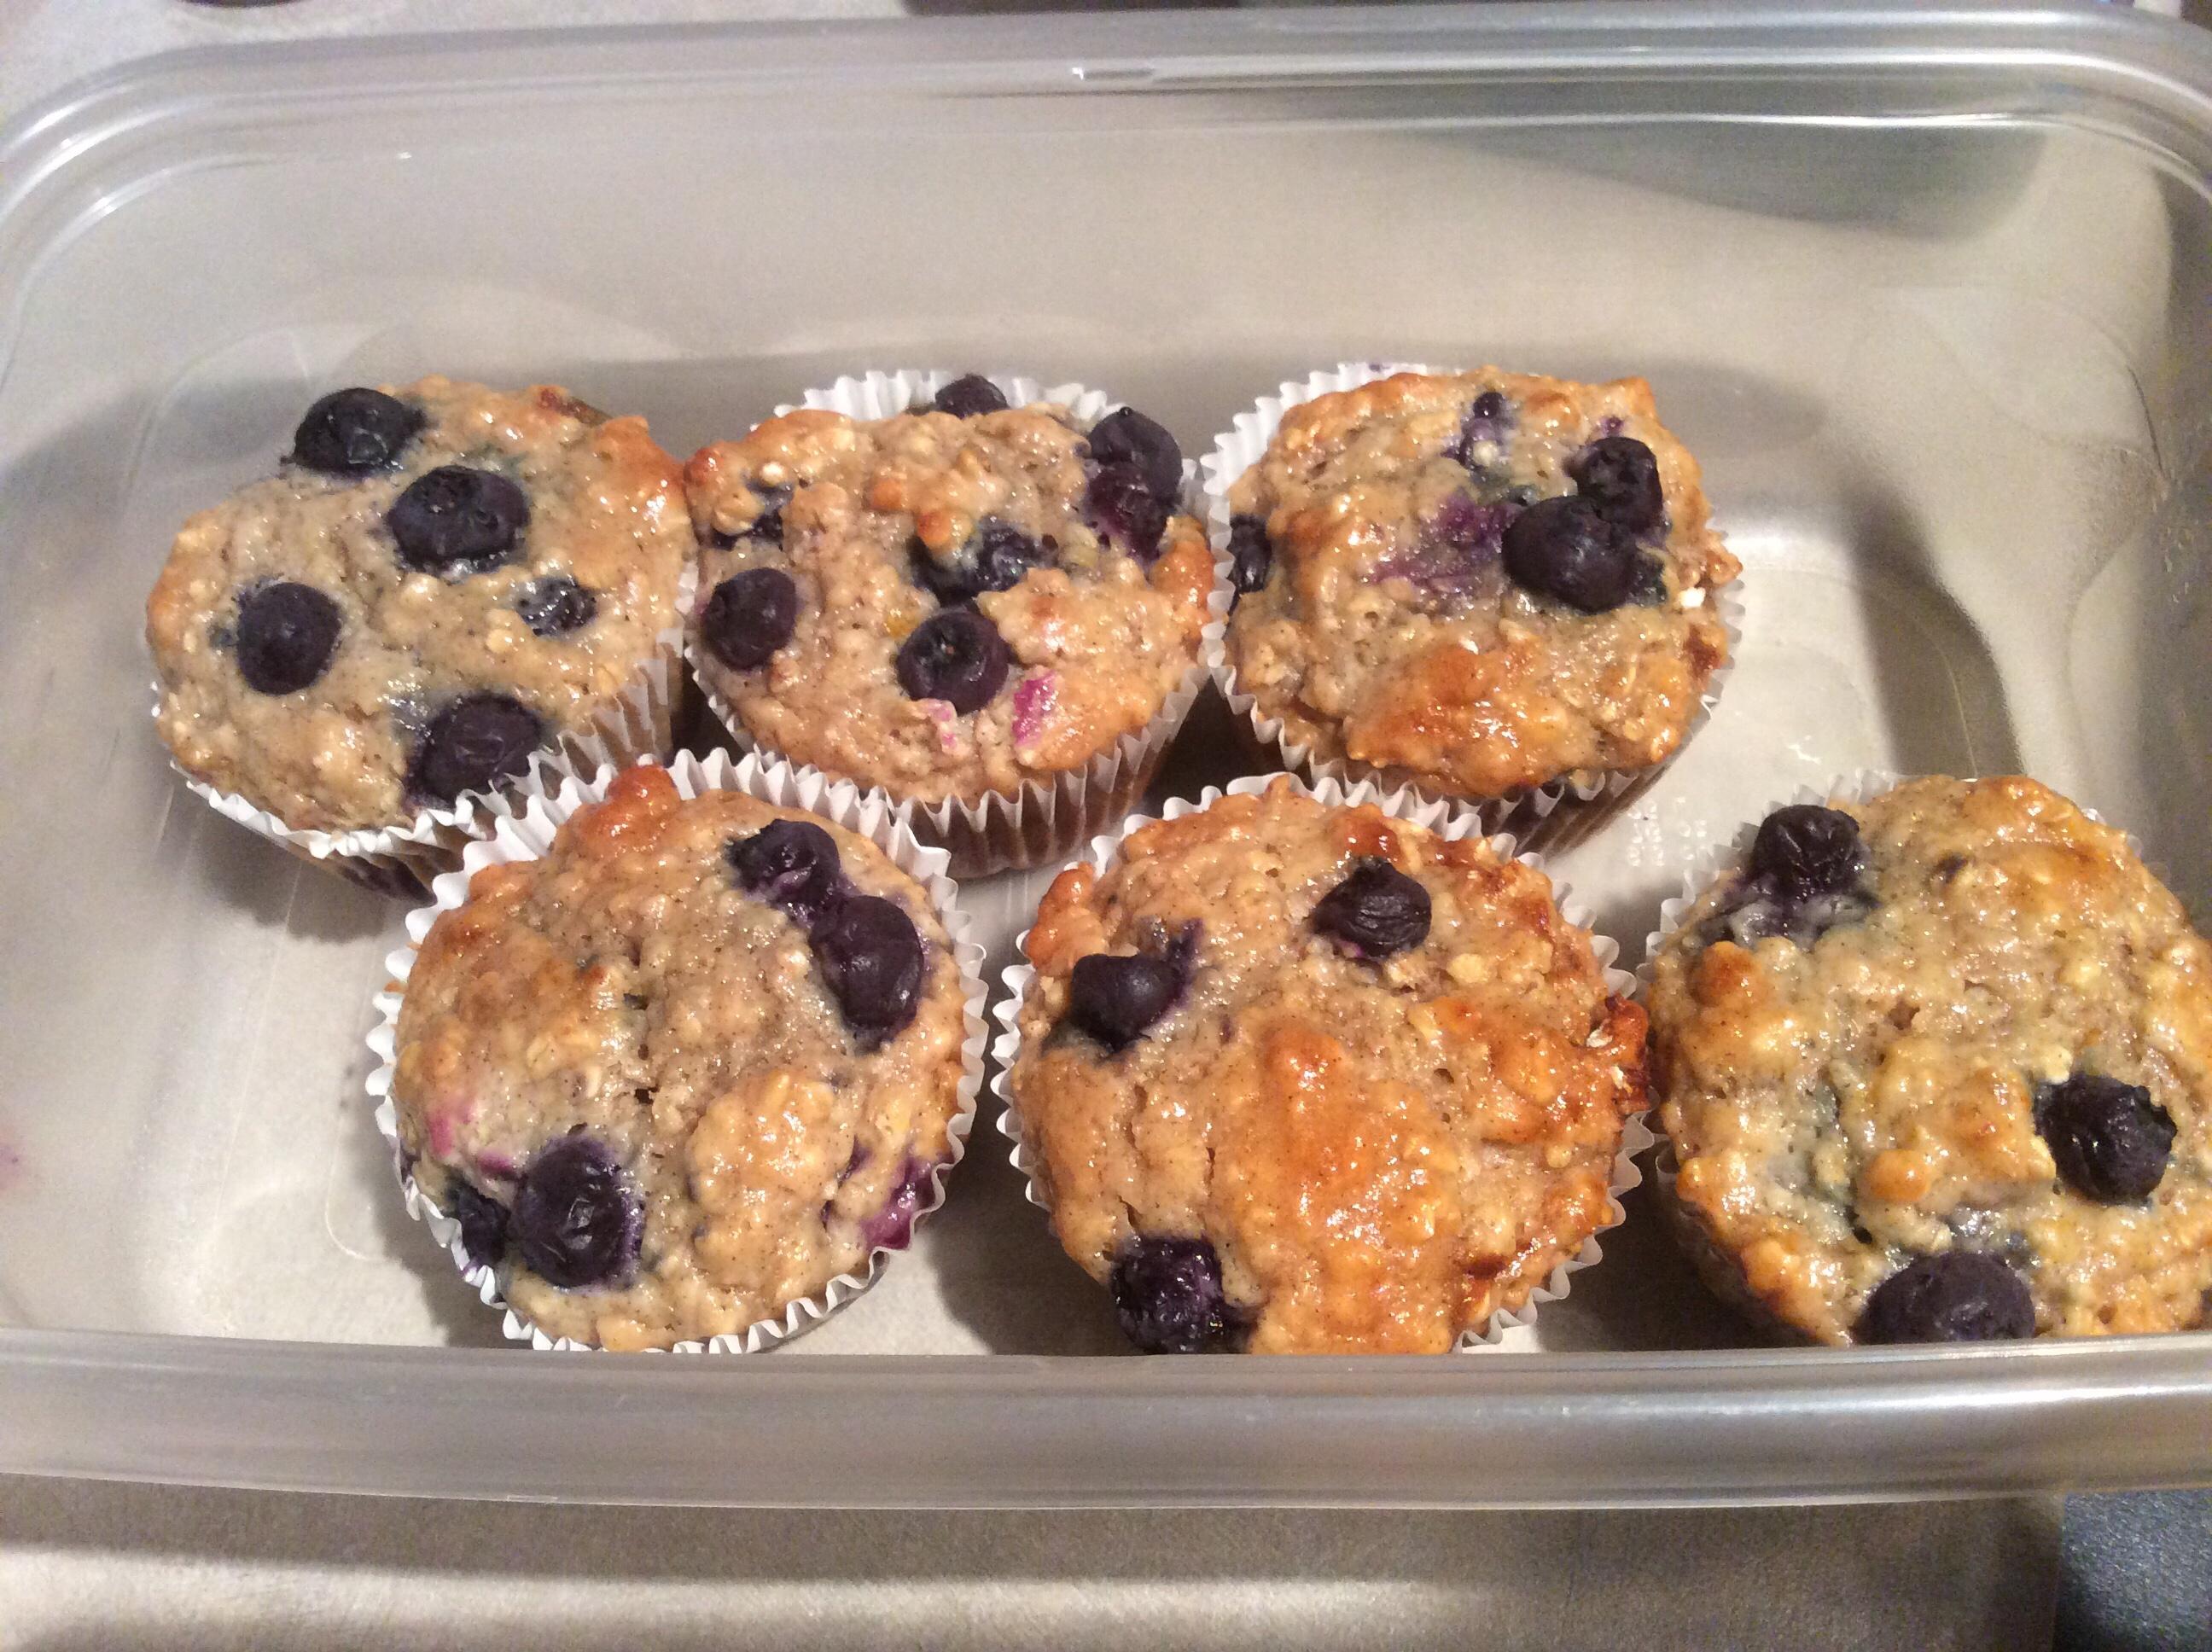 A half dozen blueberry oatmeal muffins